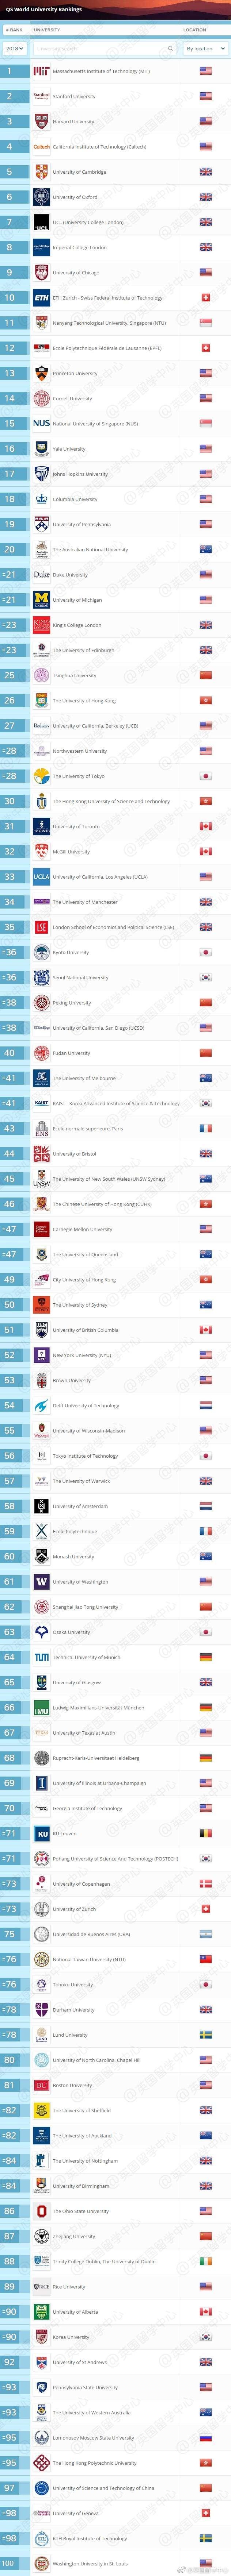 2018世界百强大学排名:全球最好的100所大学有哪些